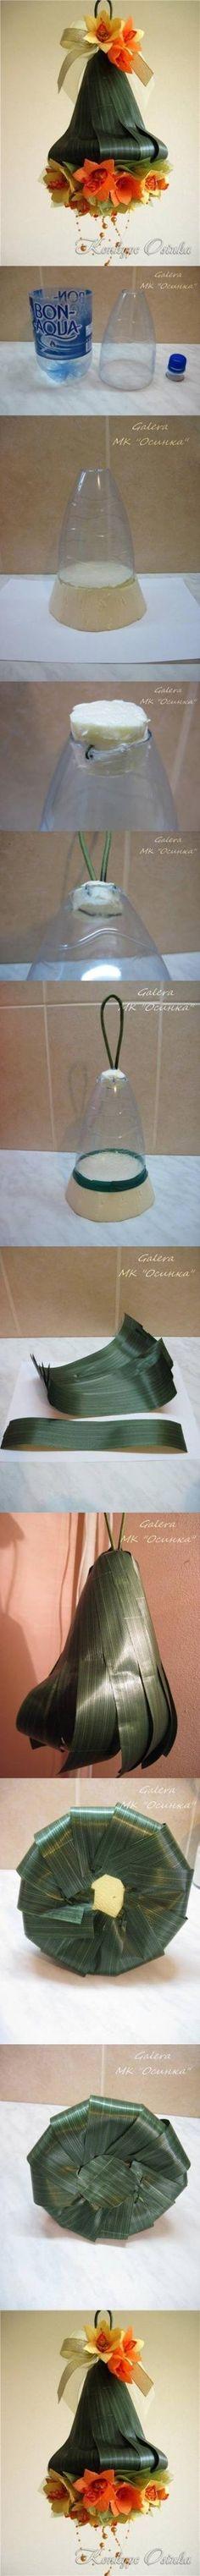 Botella de plástico Botella DIY de Bell del ornamento de bricolaje de plástico de Bell del ornamento por diyforever